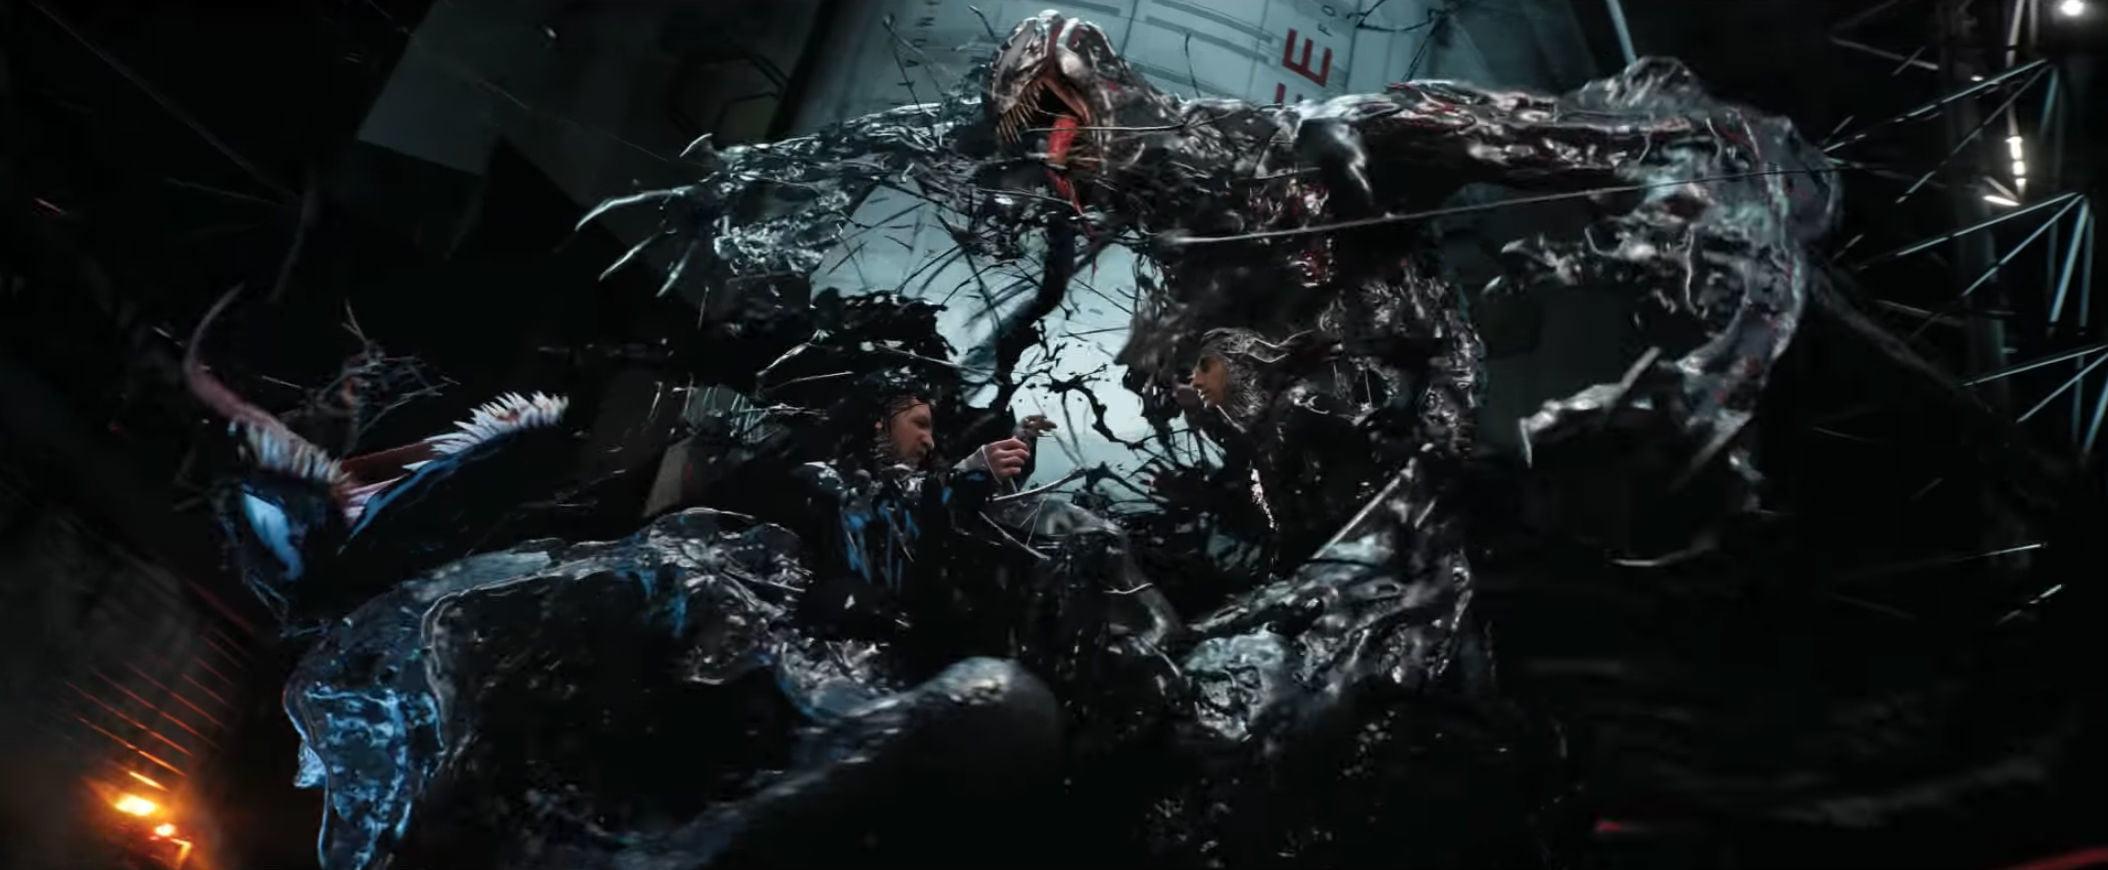 Venom sigue el frente de la taquilla mientras que Ha Nacido una Estrella se mantiene muy bien en segunda posición. First Man y Malos Tiempos en El Royale decepcionan y Pesadillas 2 logra un aceptable estreno